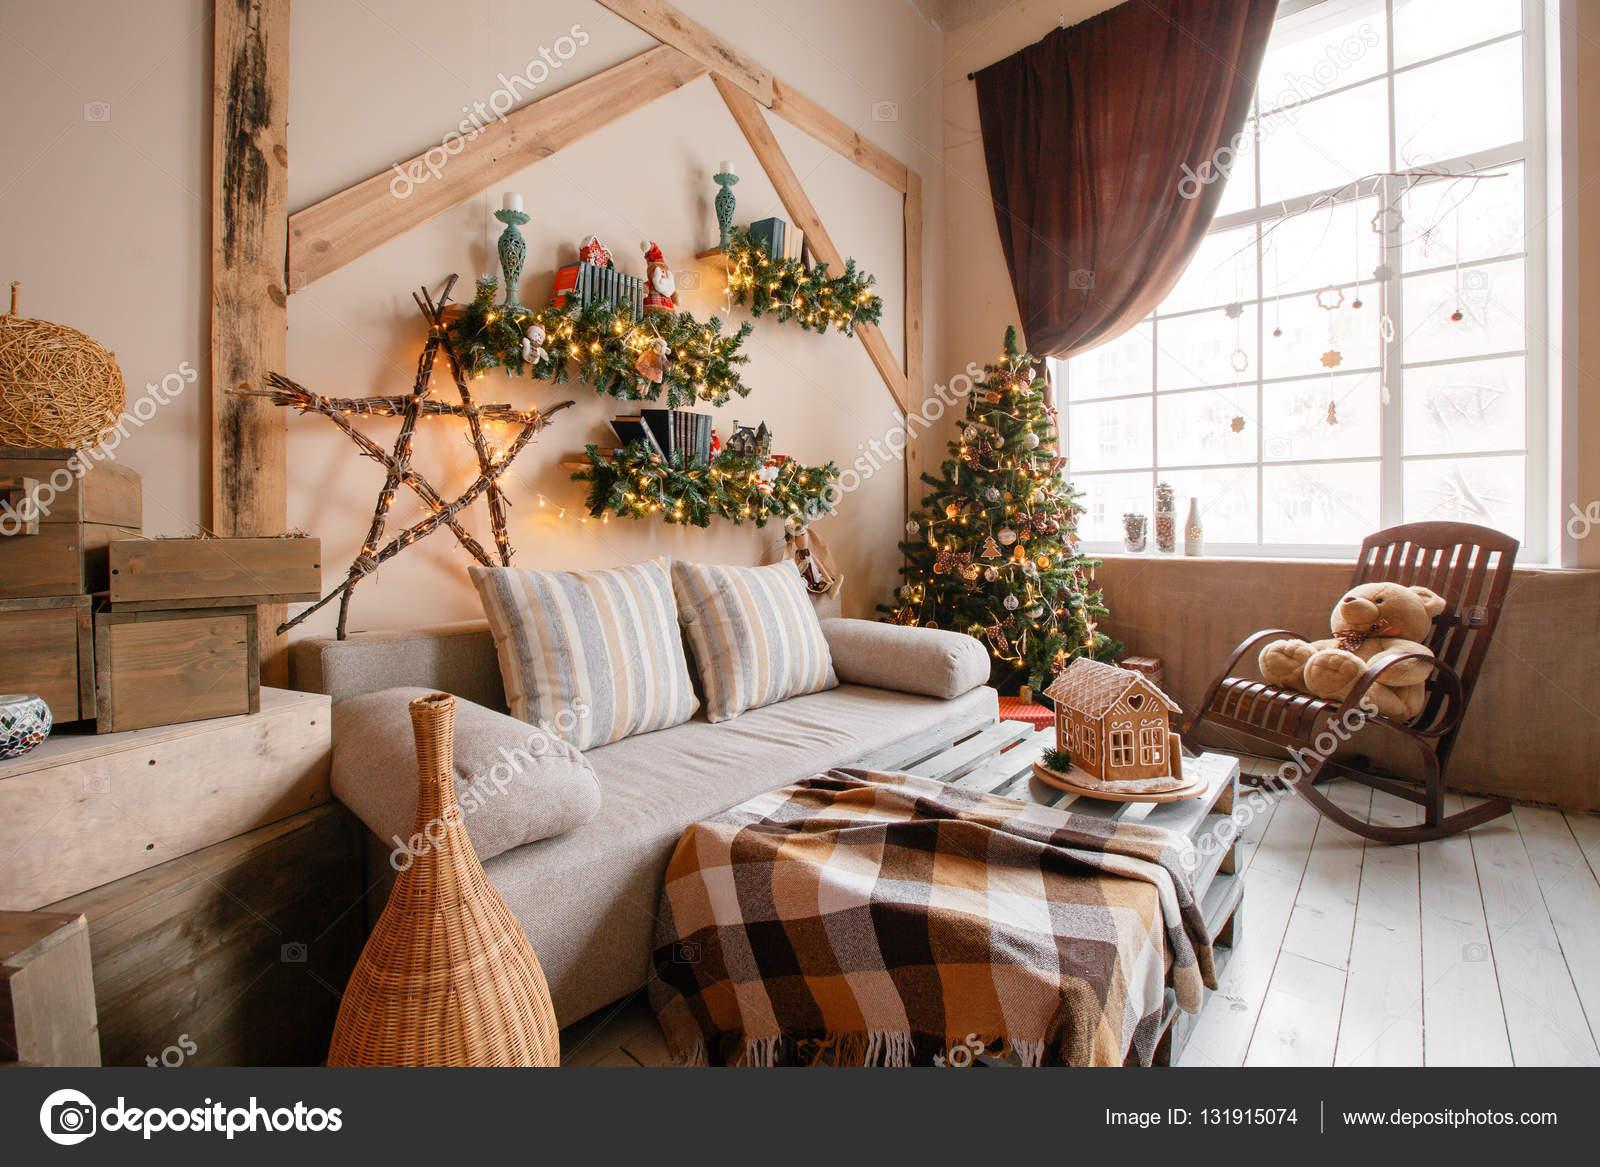 Imagen tranquila del interior moderno living comedor hogar decorado ...